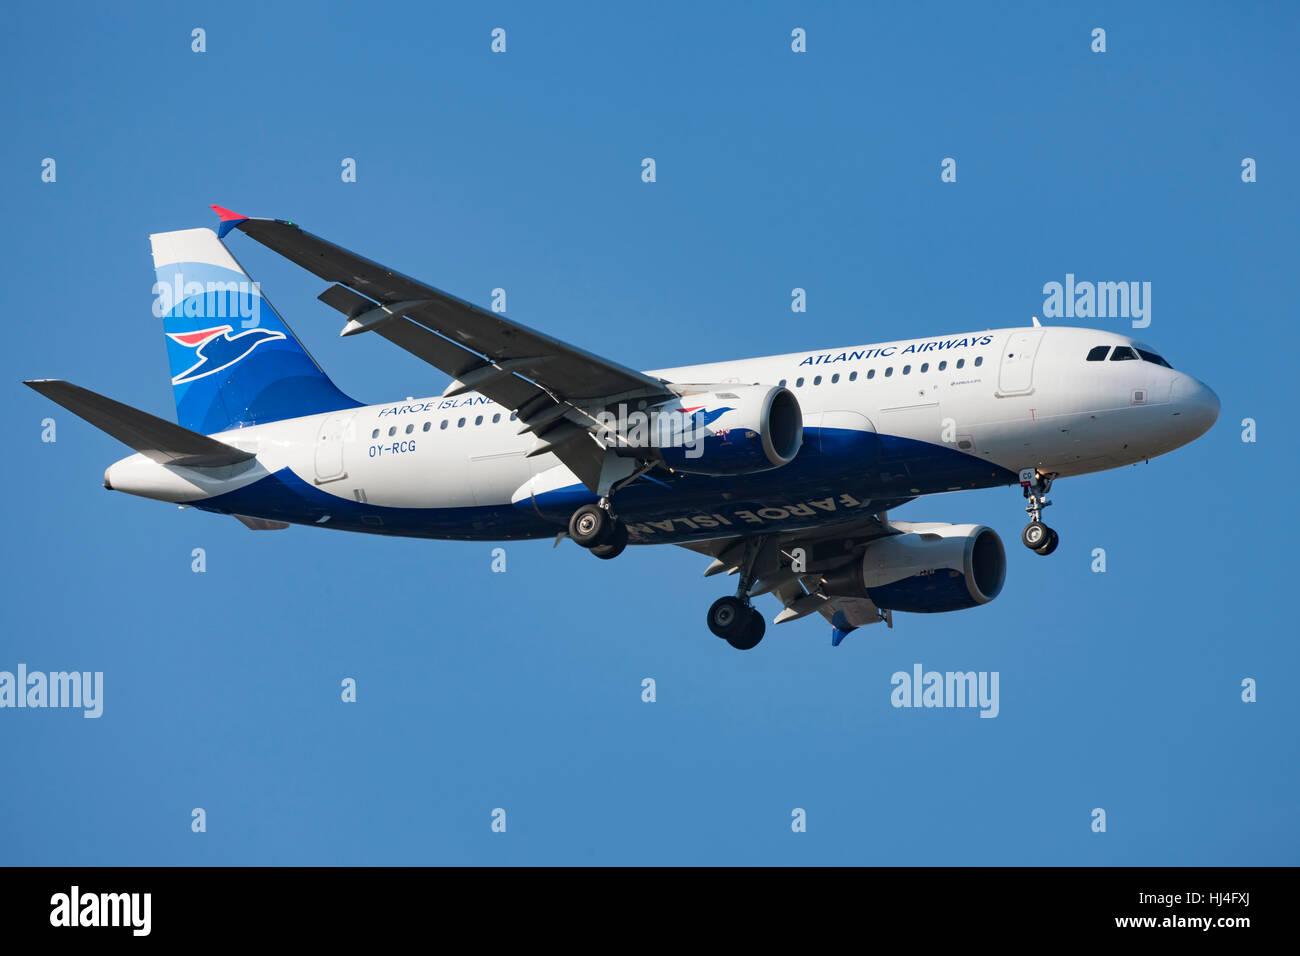 Atlantic Airways Airliner in flight, airplane, plane, blue sky - Stock Image